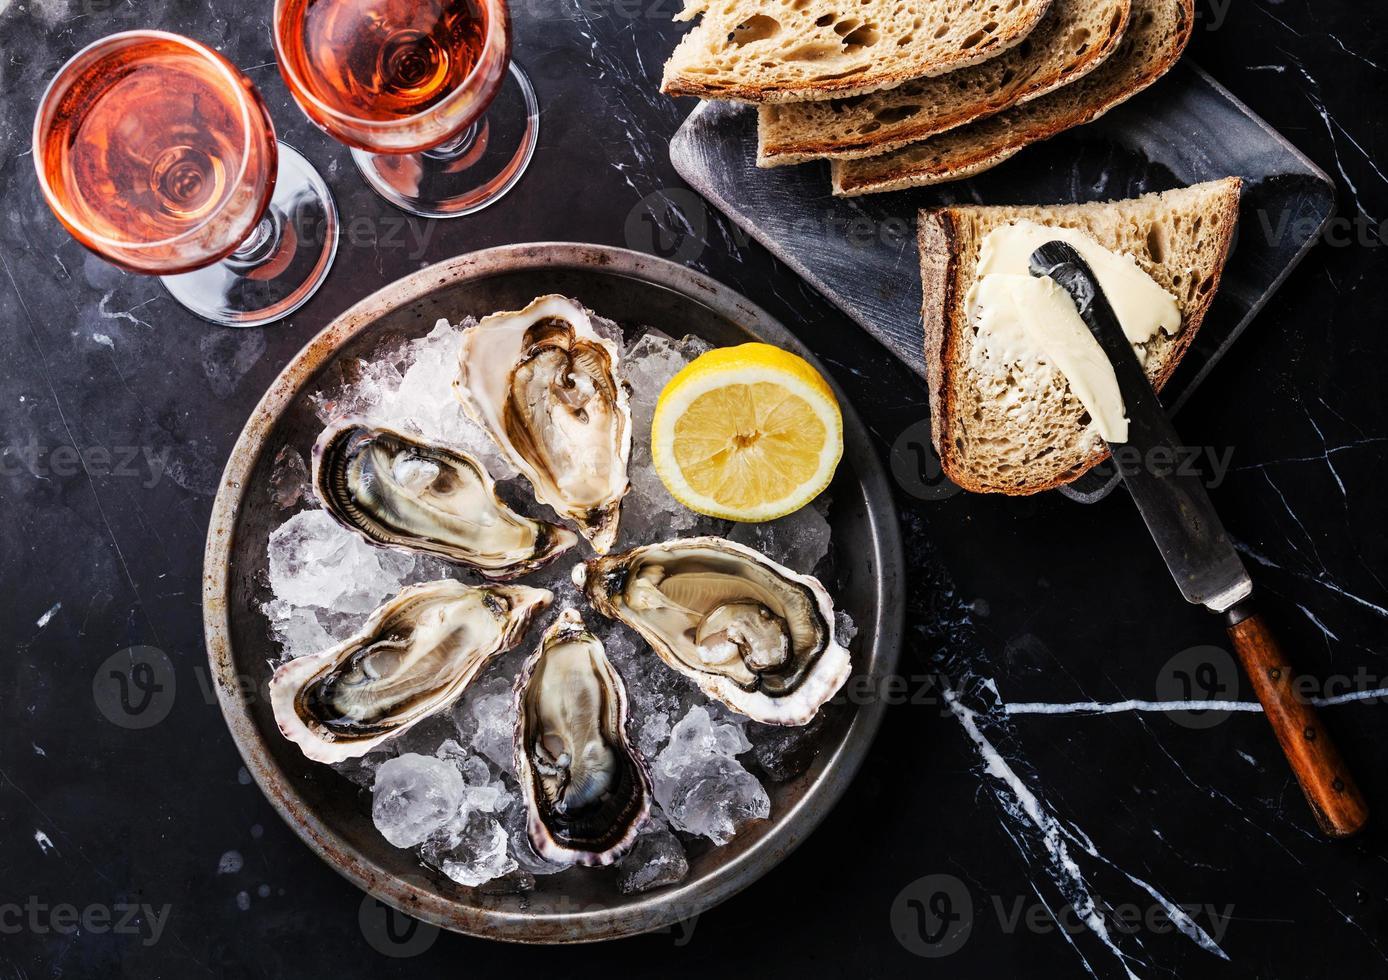 huîtres ouvertes, pain au beurre et vin rosé photo